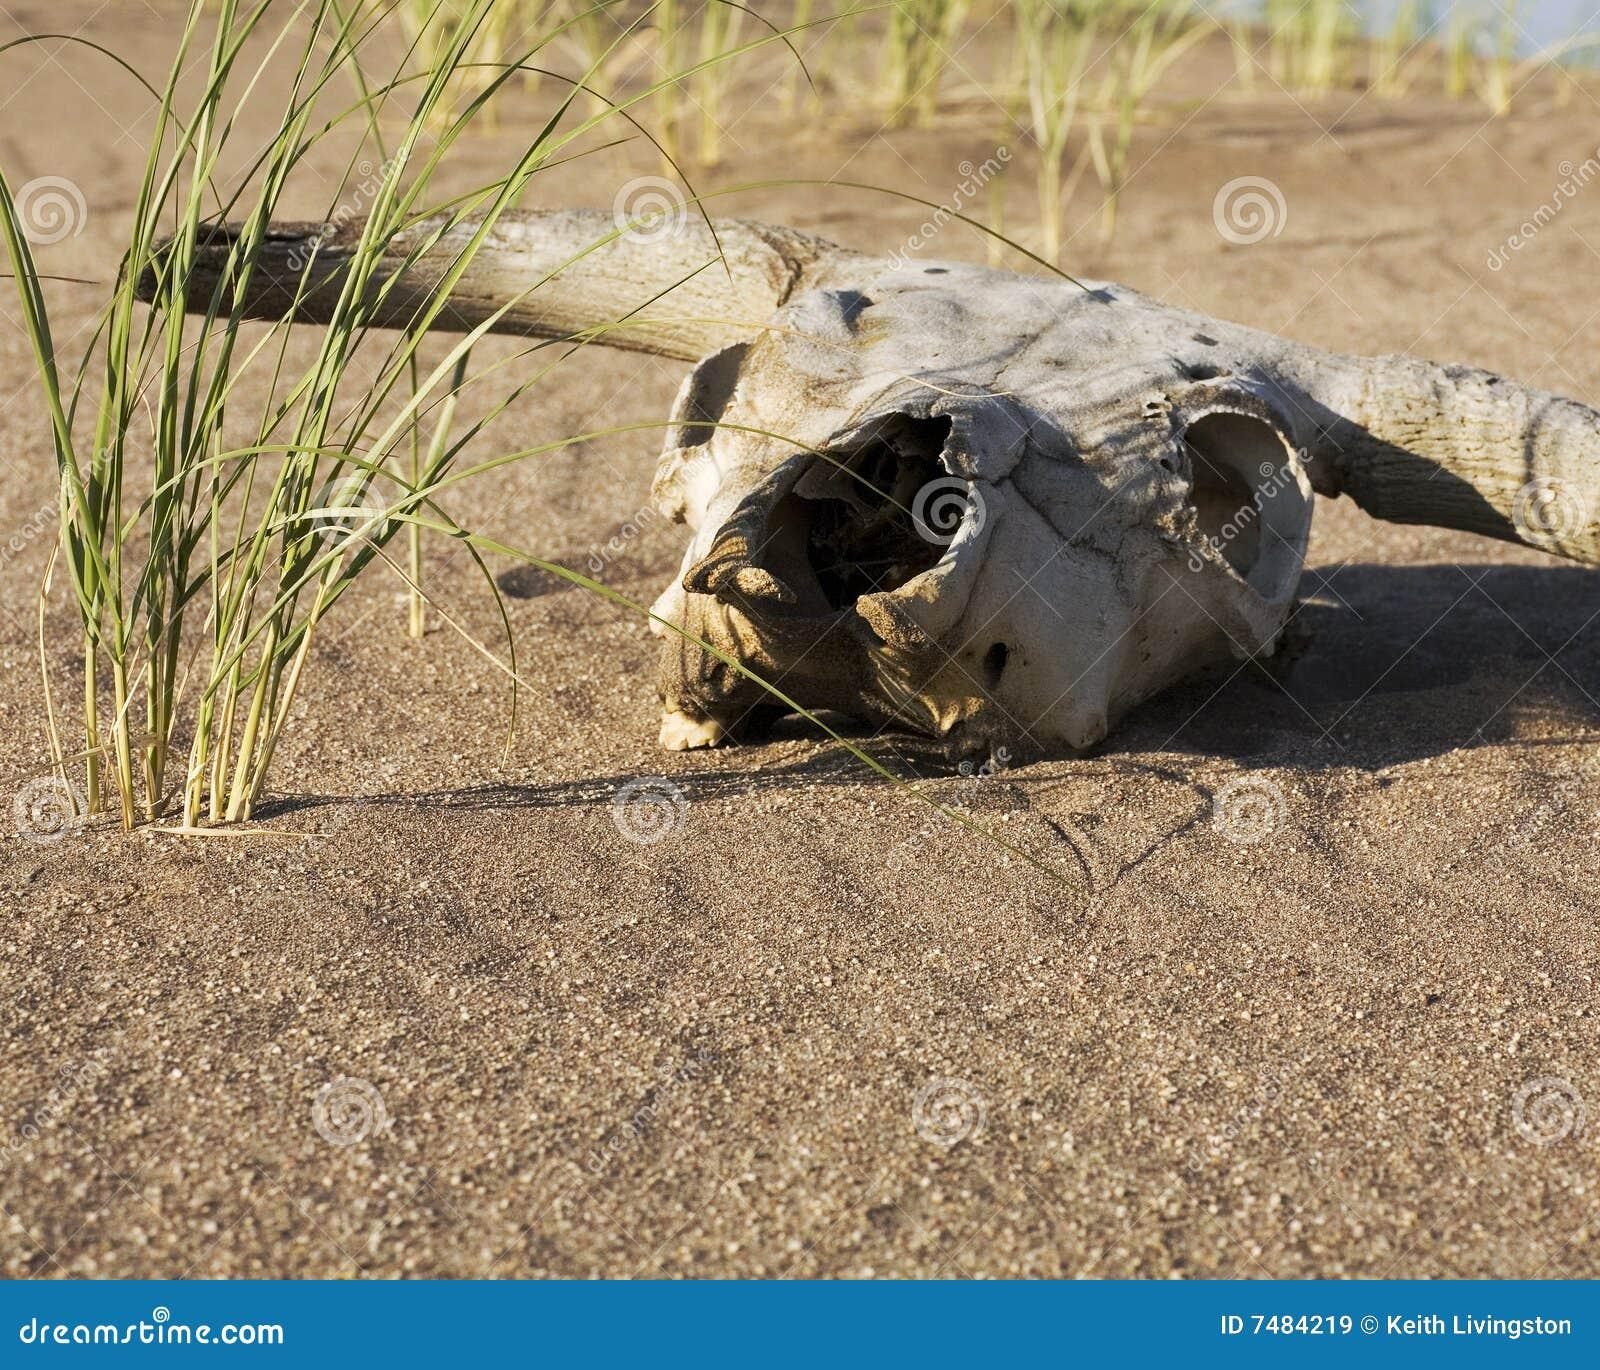 cow skull and desert - photo #17